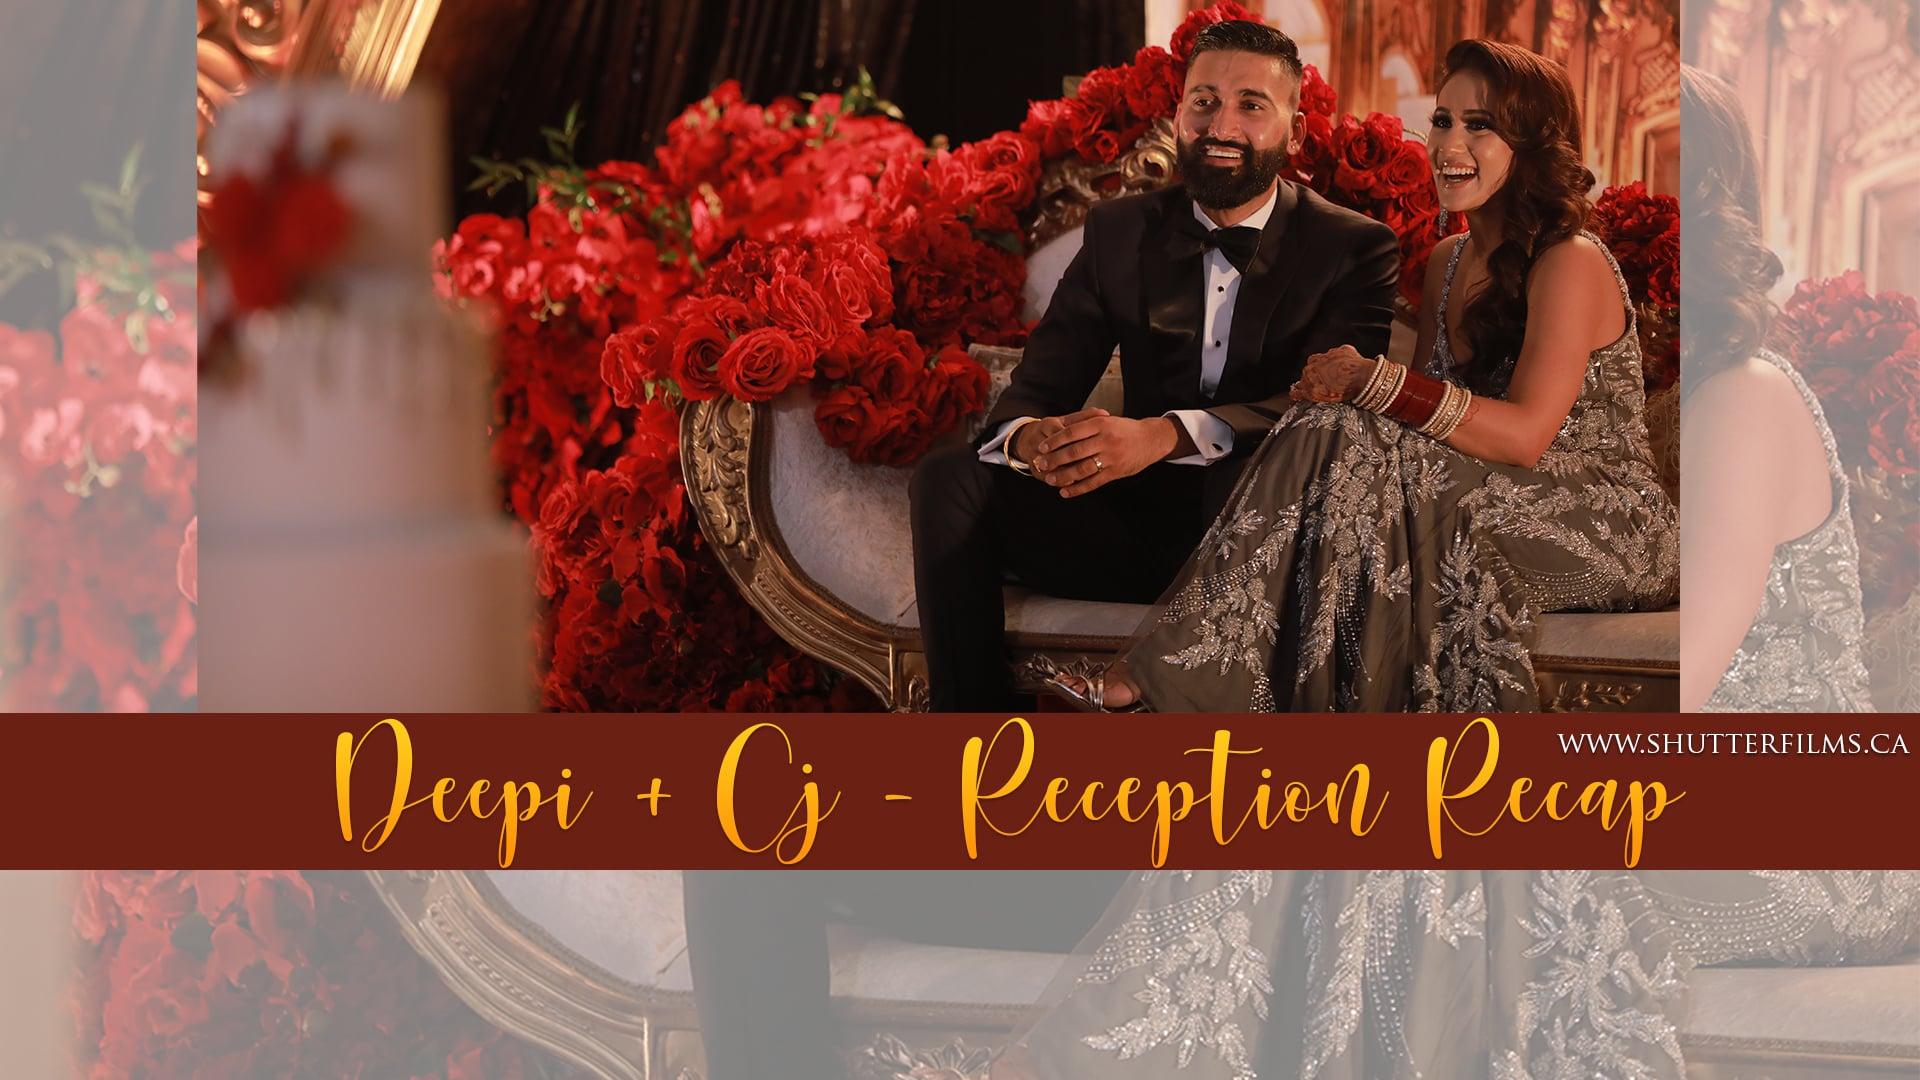 Deepi + CJ   Reception Recap